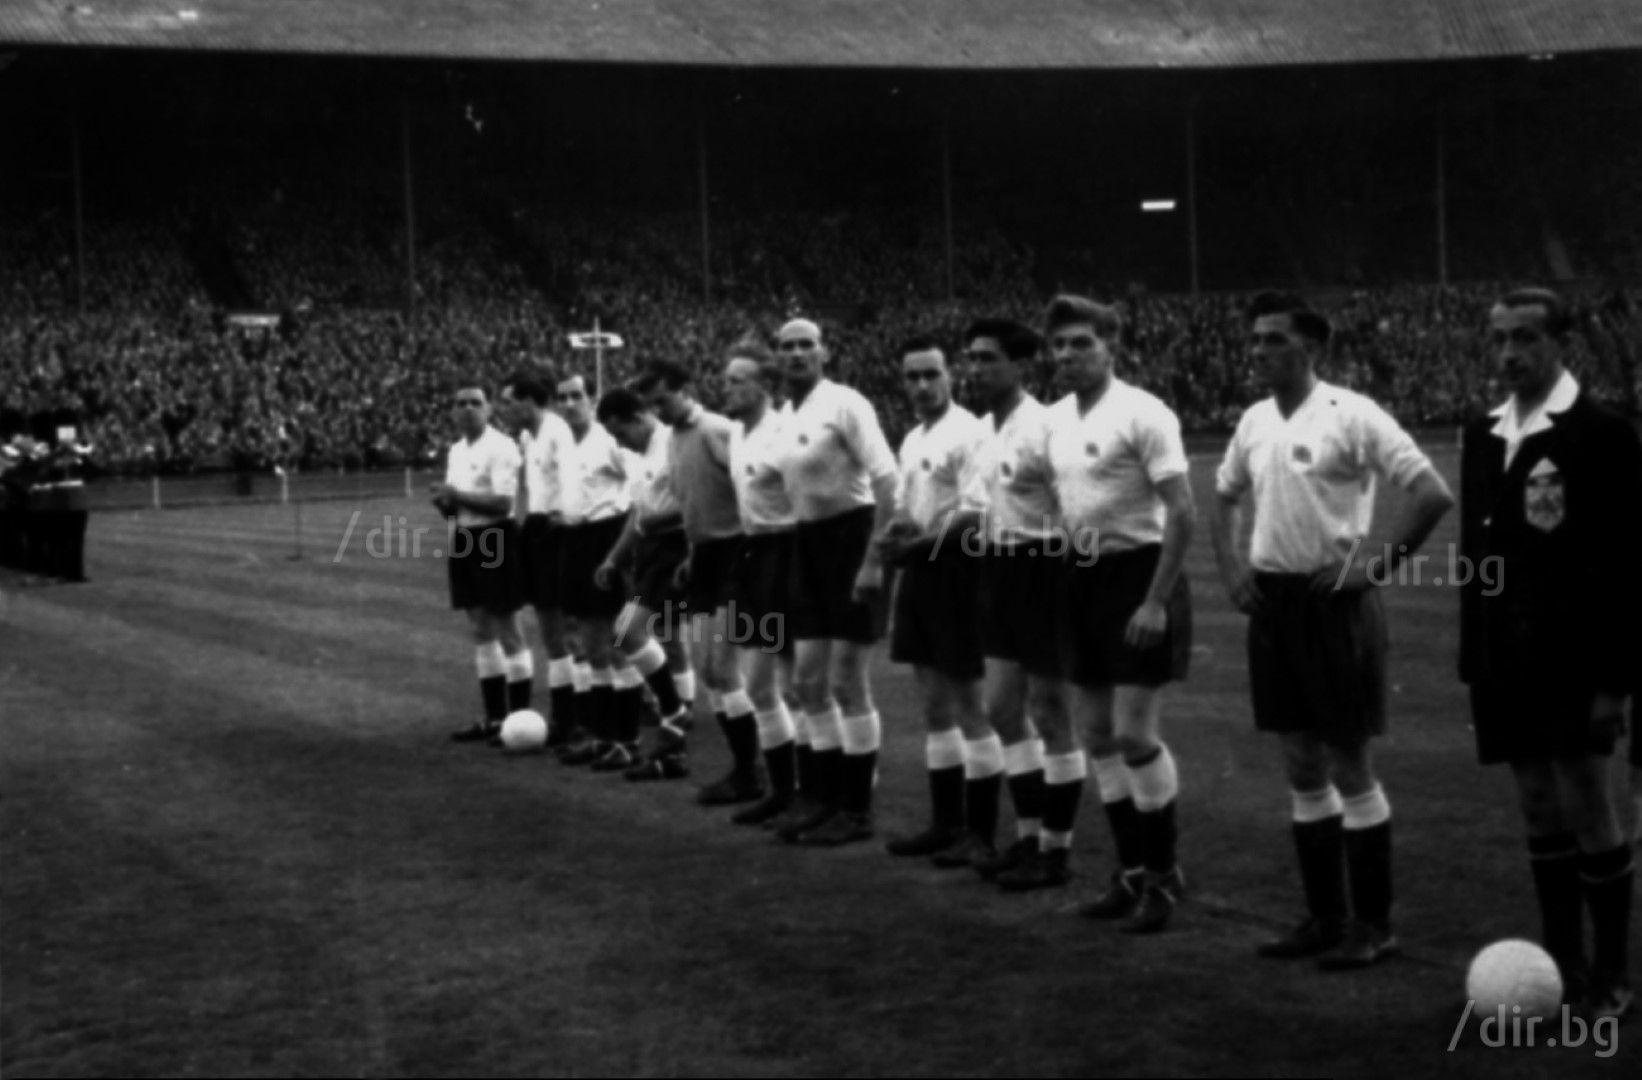 """Британците, но в състав от аматьори, завършват 3:3 с България в квалификация за Мелбърн 1956. Мачът се играе на """"Уембли""""."""